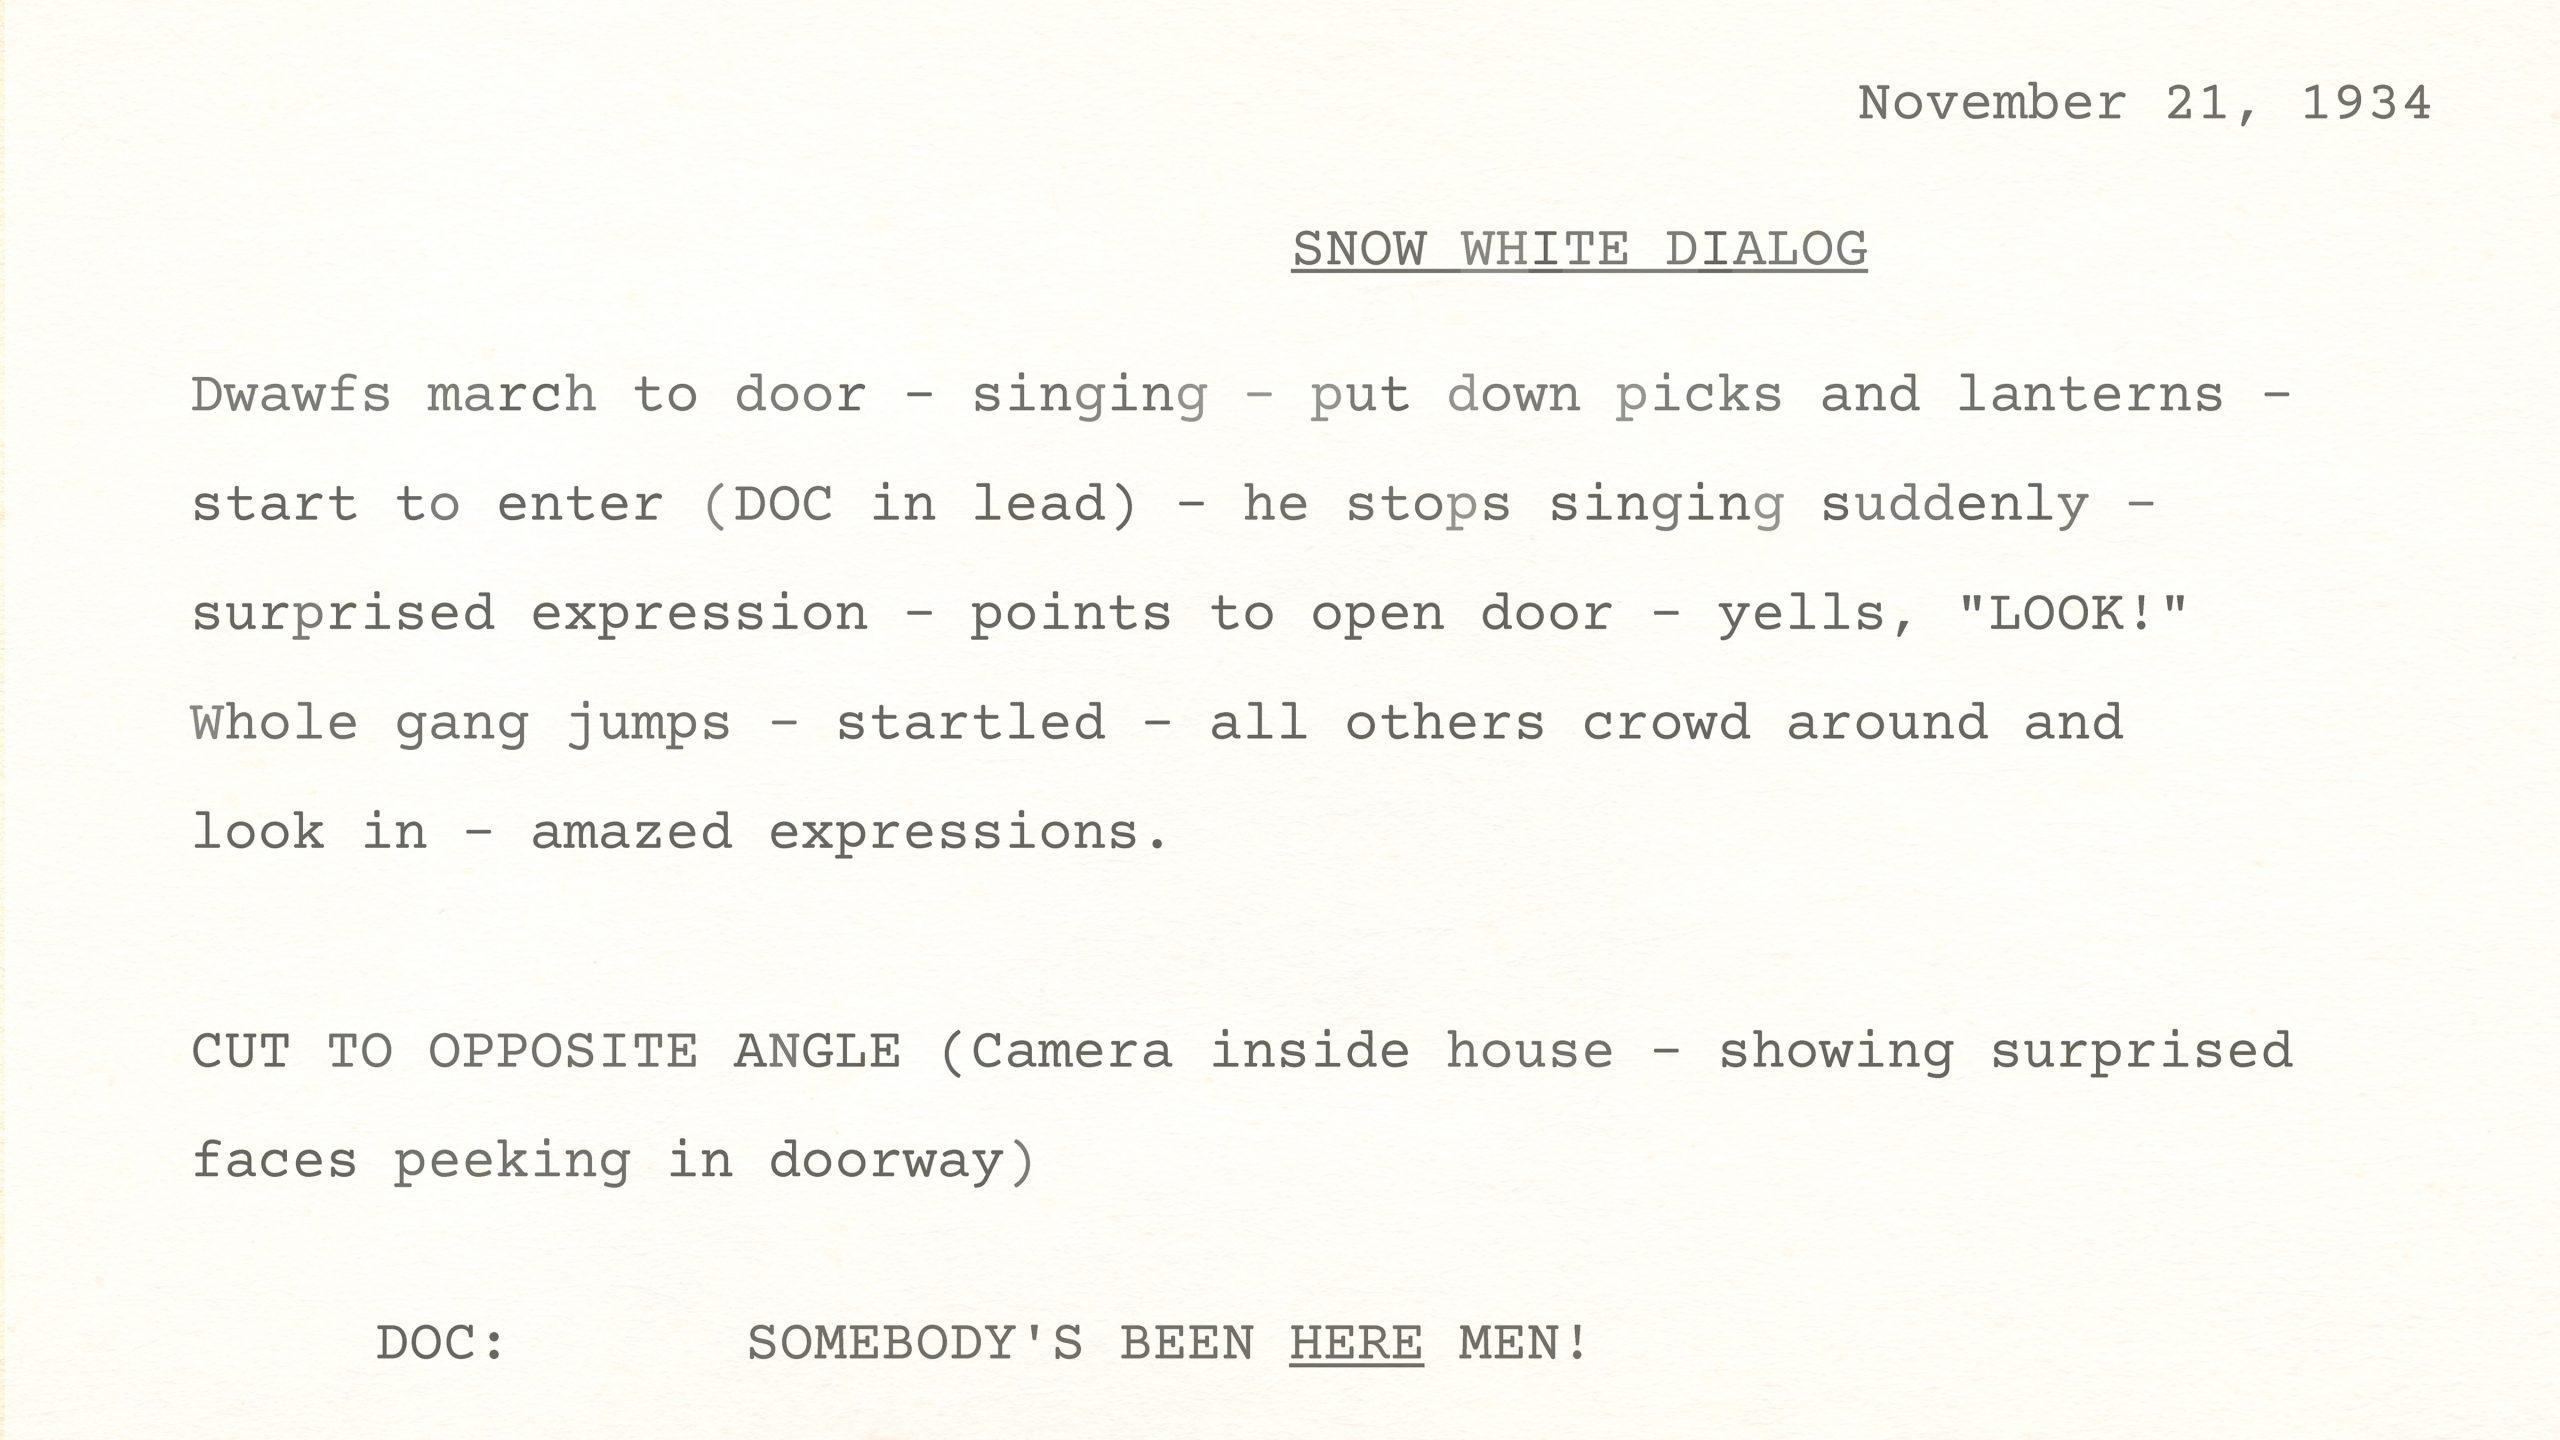 Snow White Dialogue, November 21, 1934